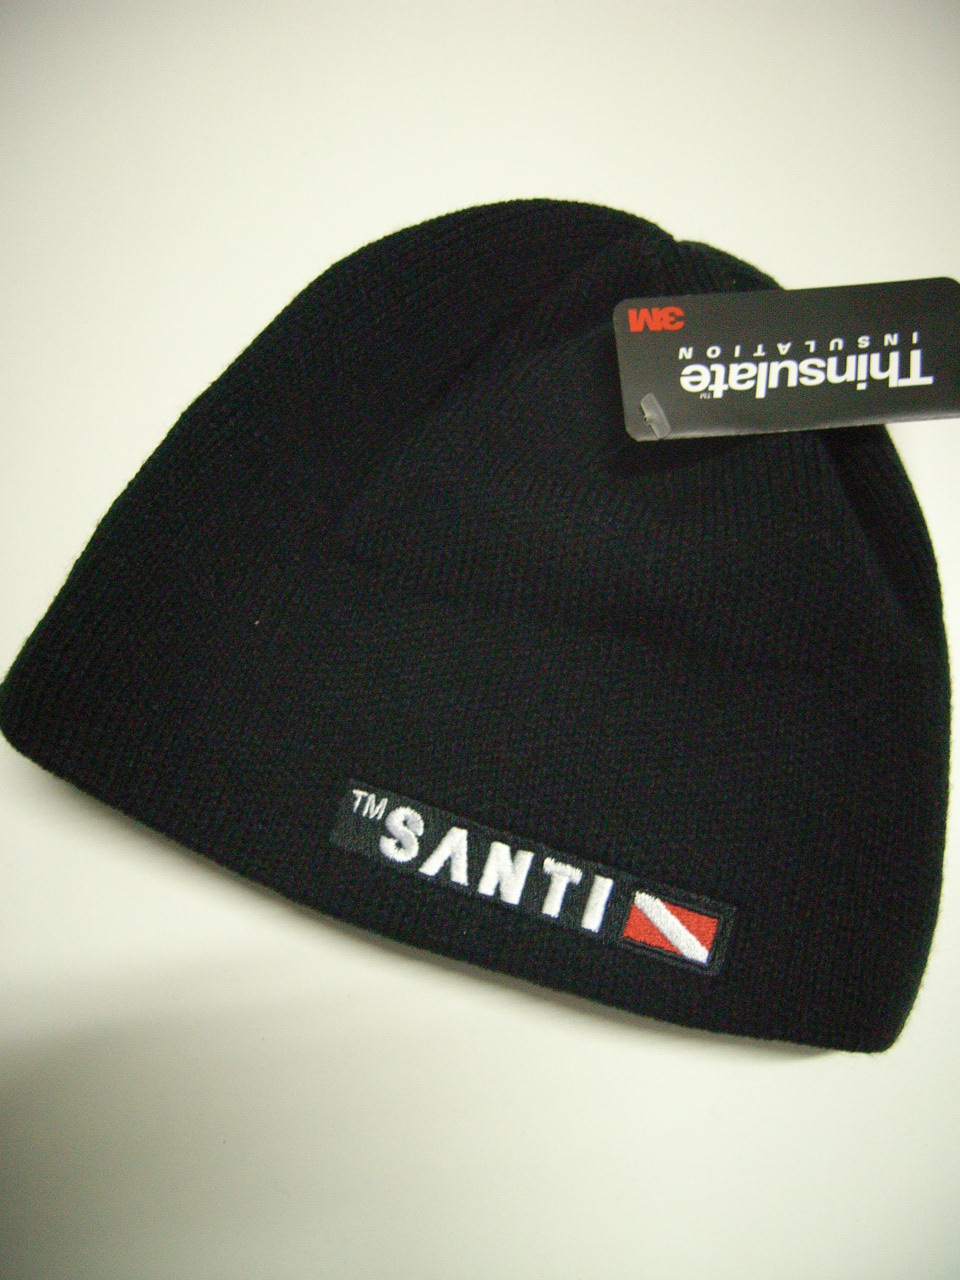 Santi Beanie Hat in schwarz oder rot